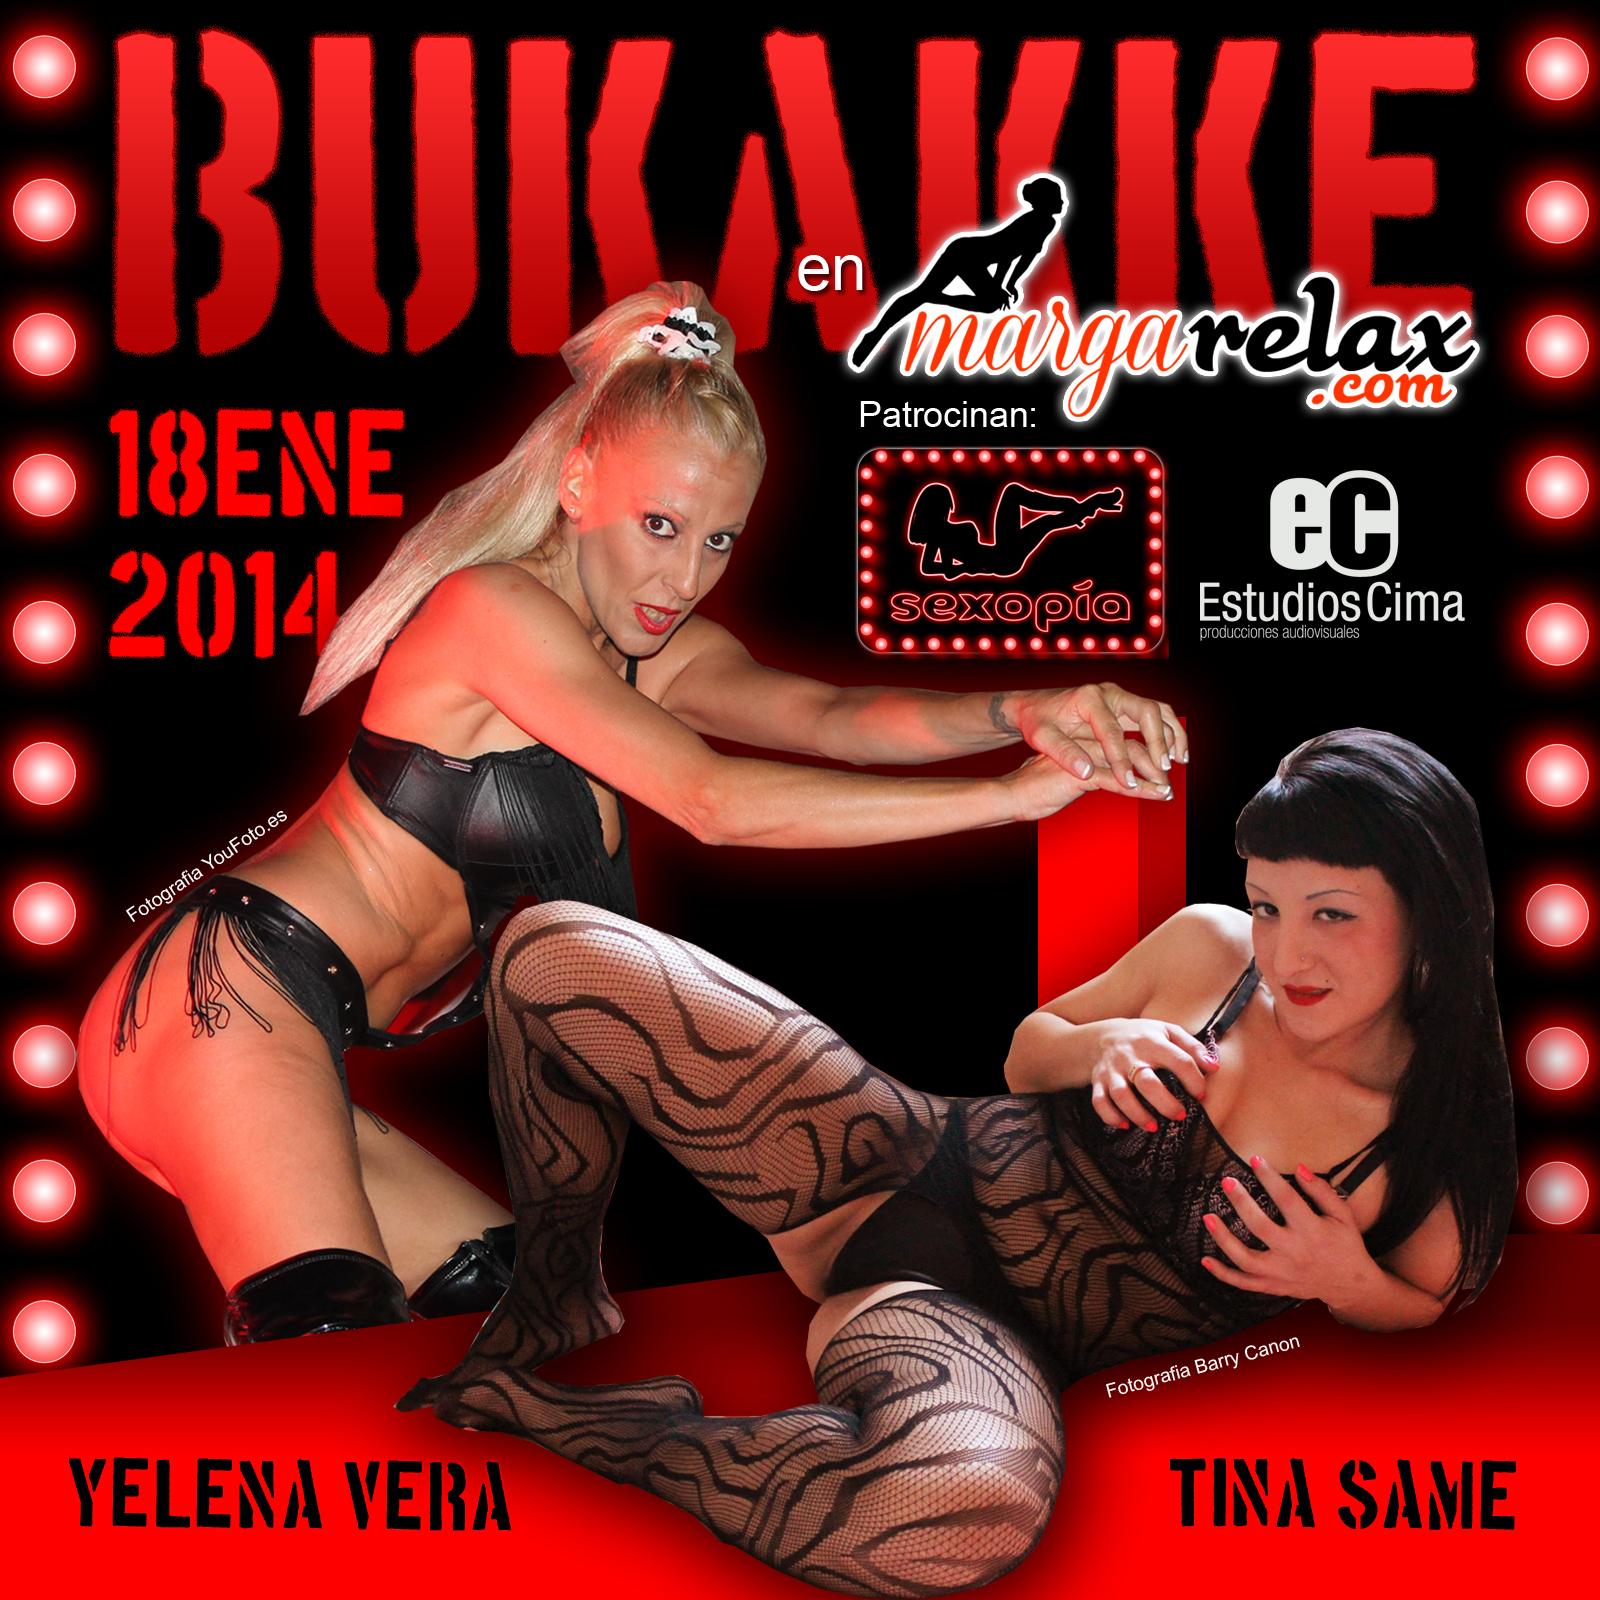 Sexopía patrocina el Bukakke de Yelena Vera y Tina Same en Margarelax